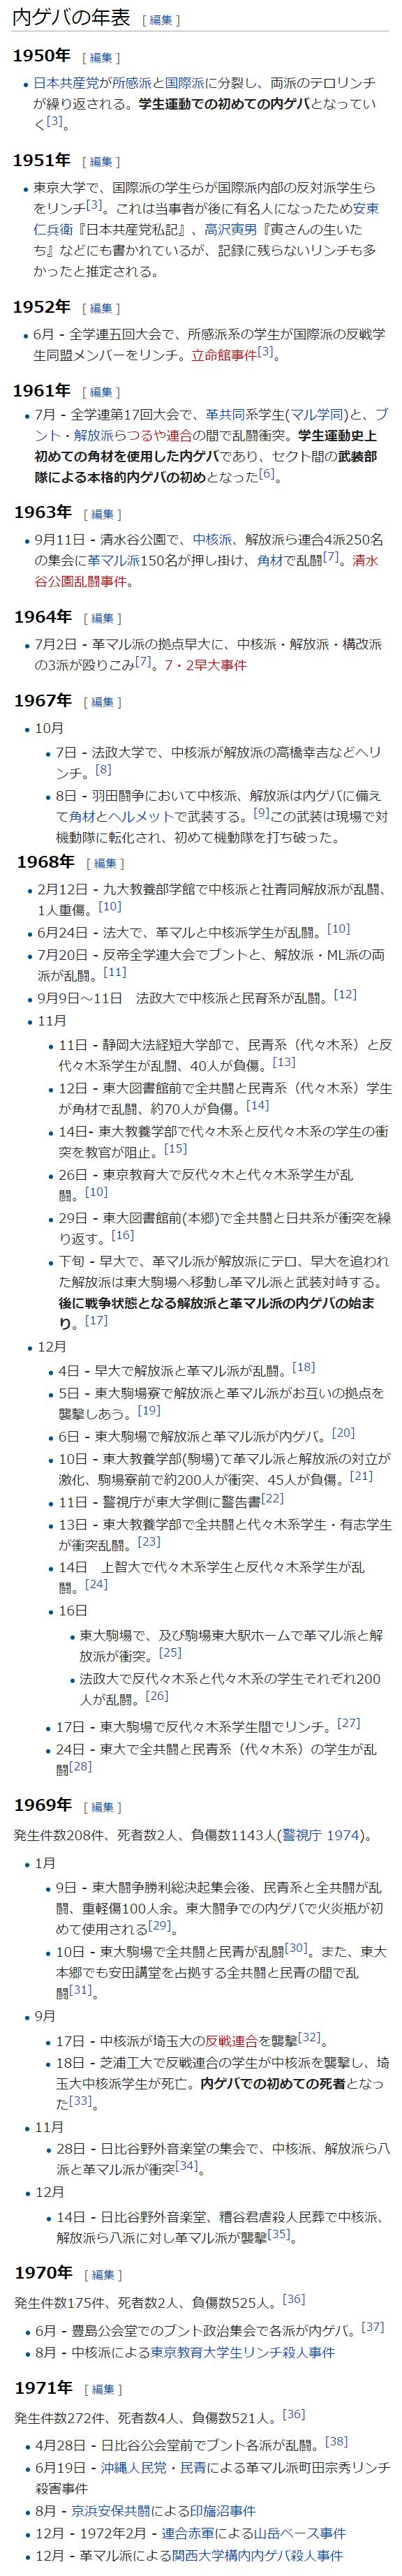 内ゲバの年表1